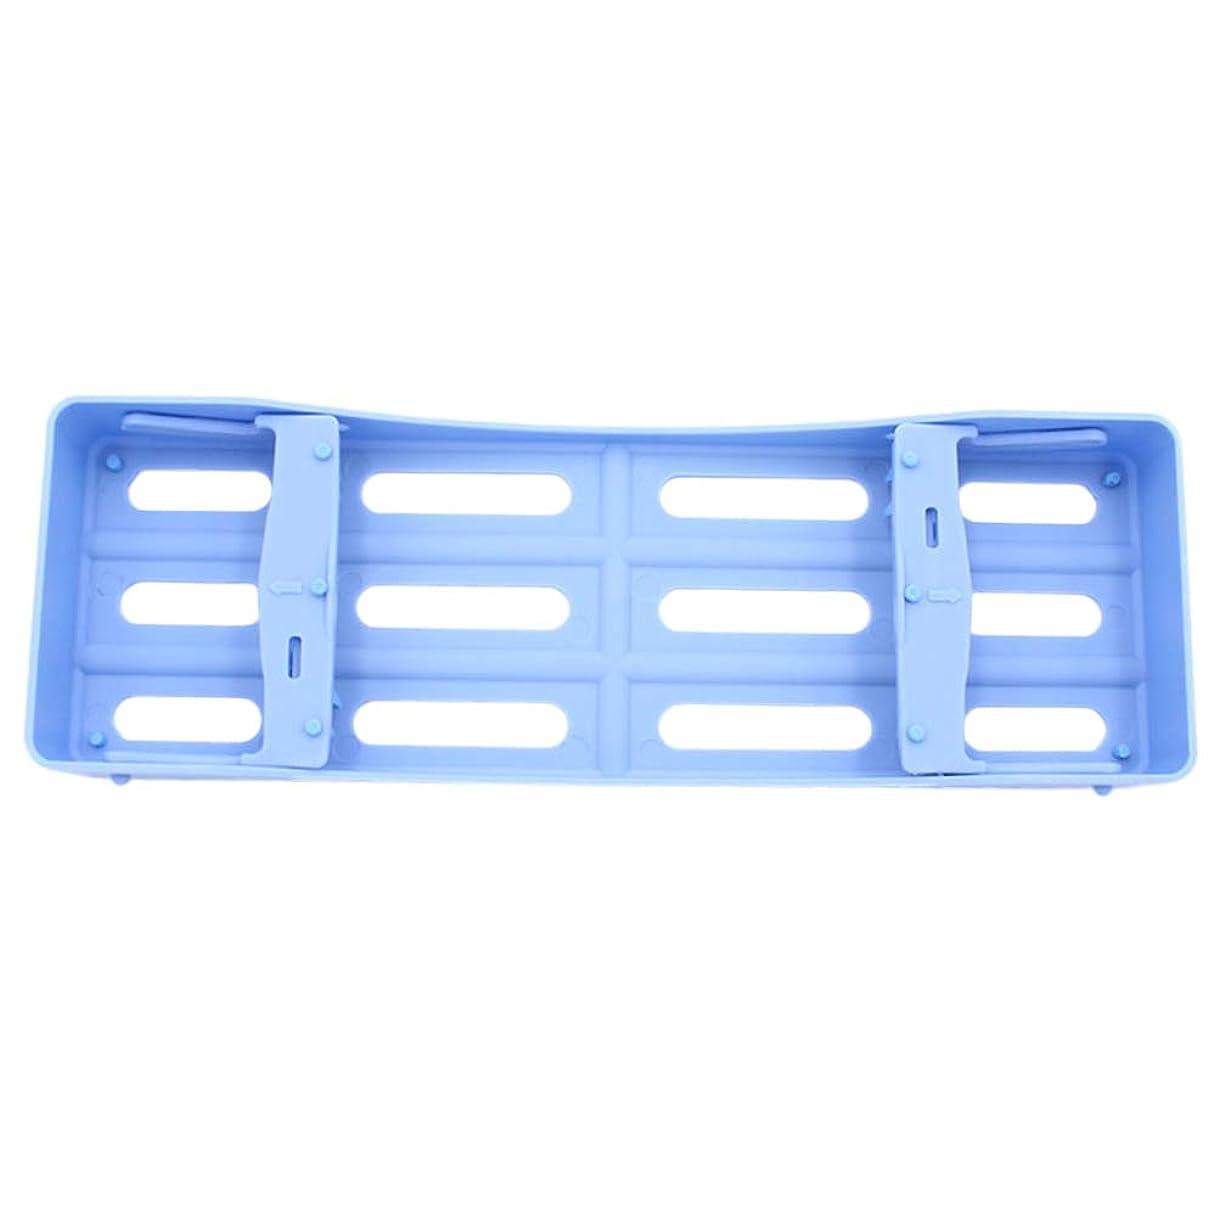 共同選択ご注意過激派HEALLILY プラスチック製の歯科用カセット滅菌消毒トレイ3個用ツール収納用(ブルー)